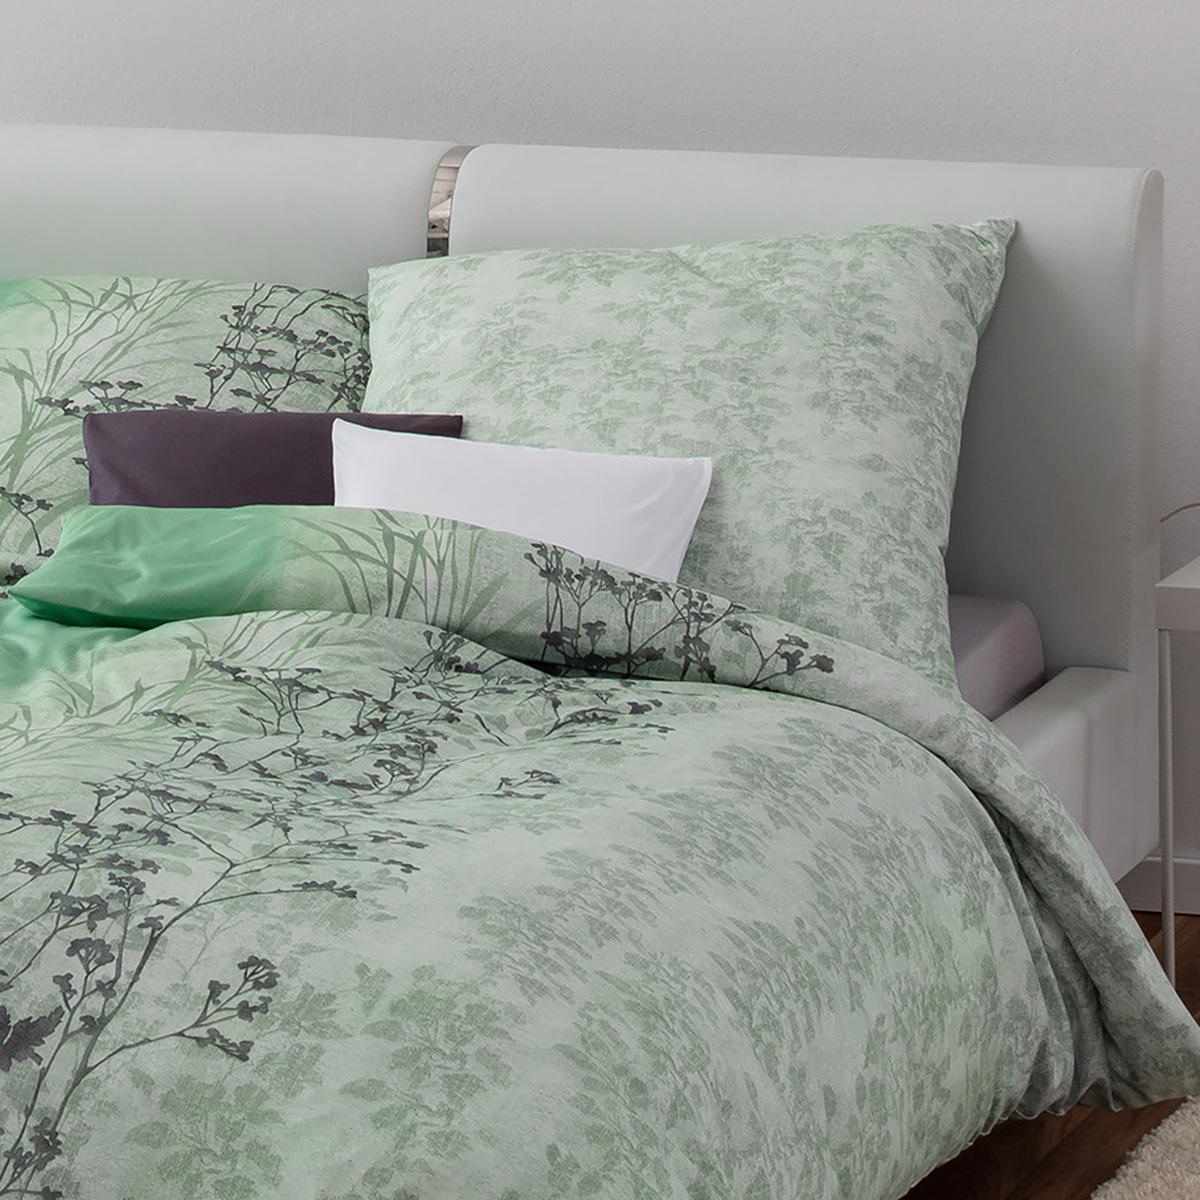 estella mako interlock jersey bettw sche ava mint g nstig online kaufen bei bettwaren shop. Black Bedroom Furniture Sets. Home Design Ideas